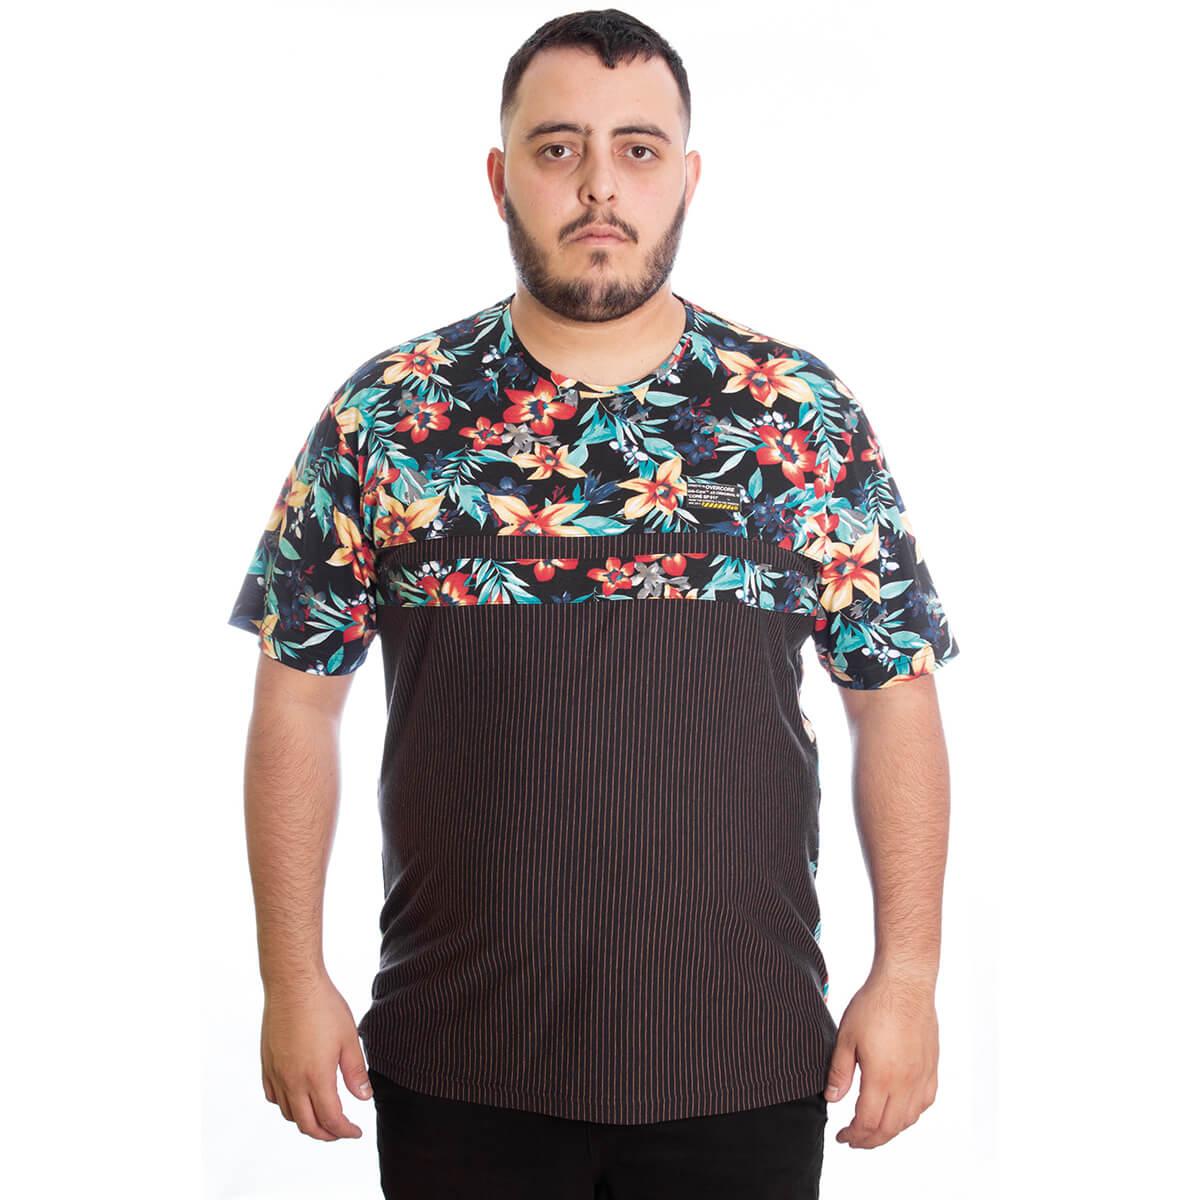 Camiseta Masculina Estampada Plus Floral